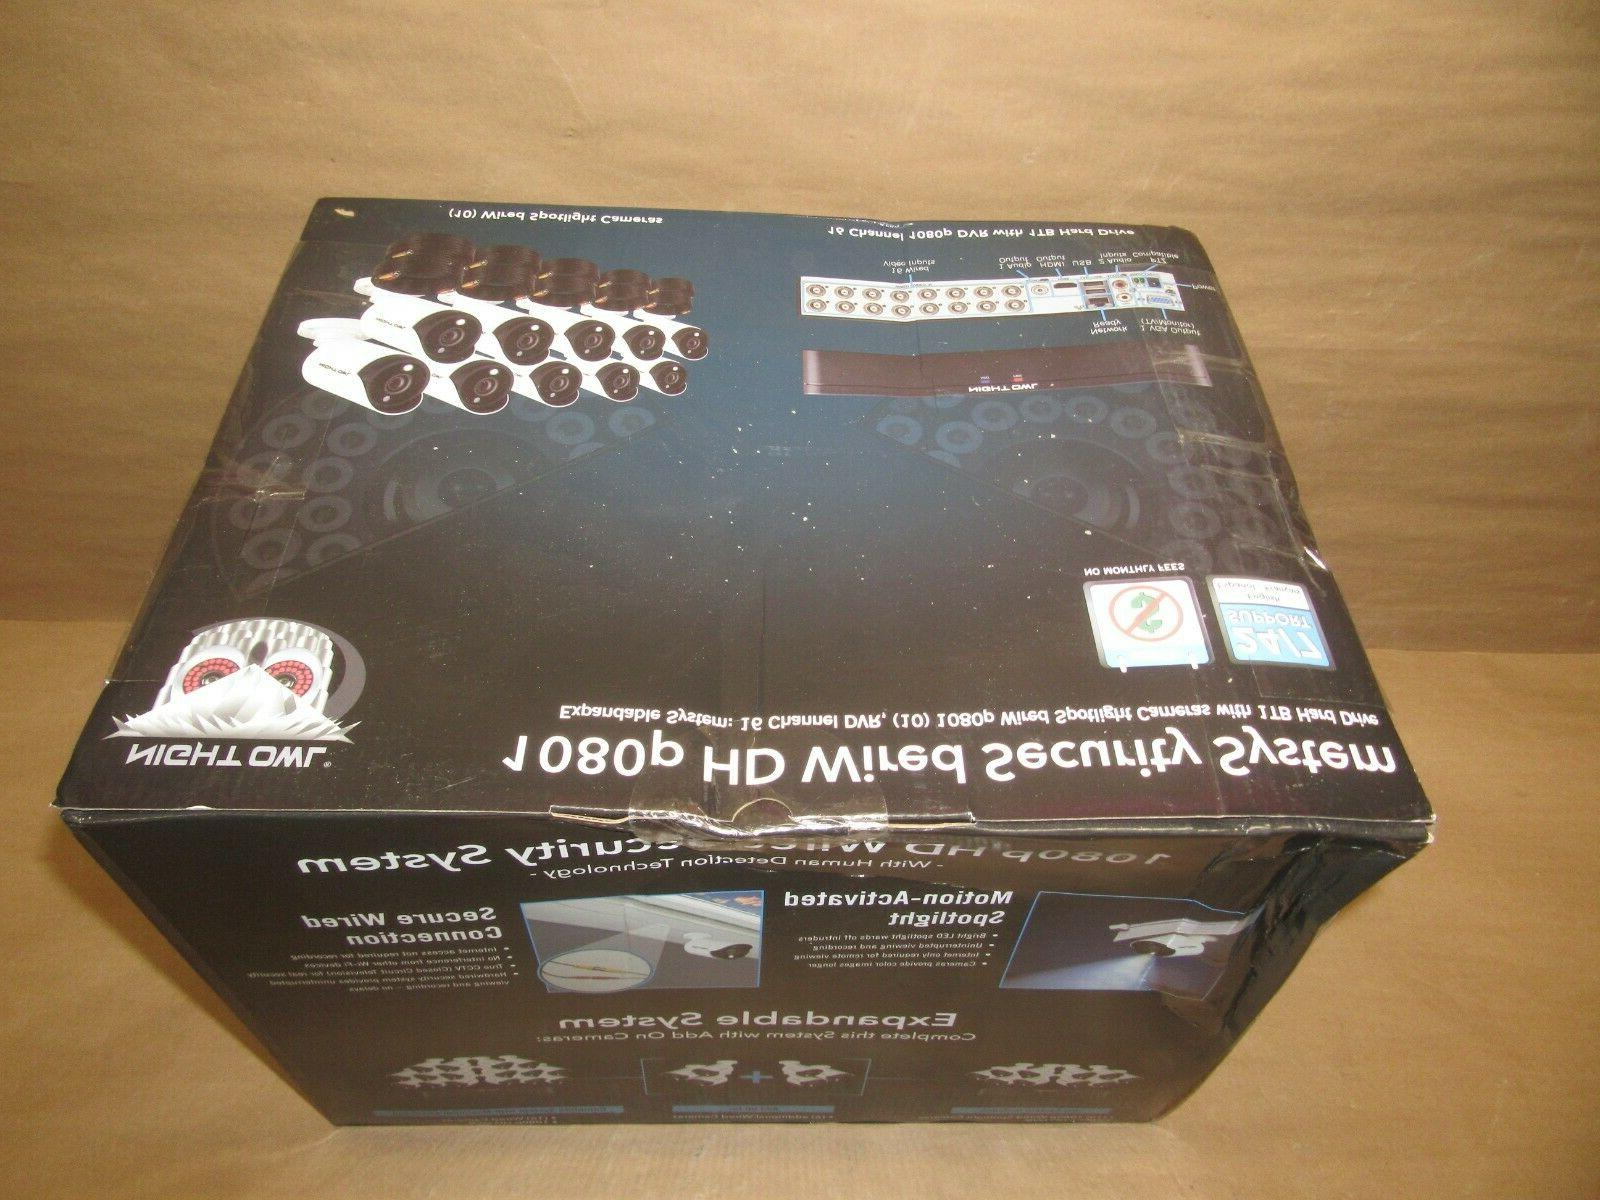 Night Ch HD & 1TB HDD